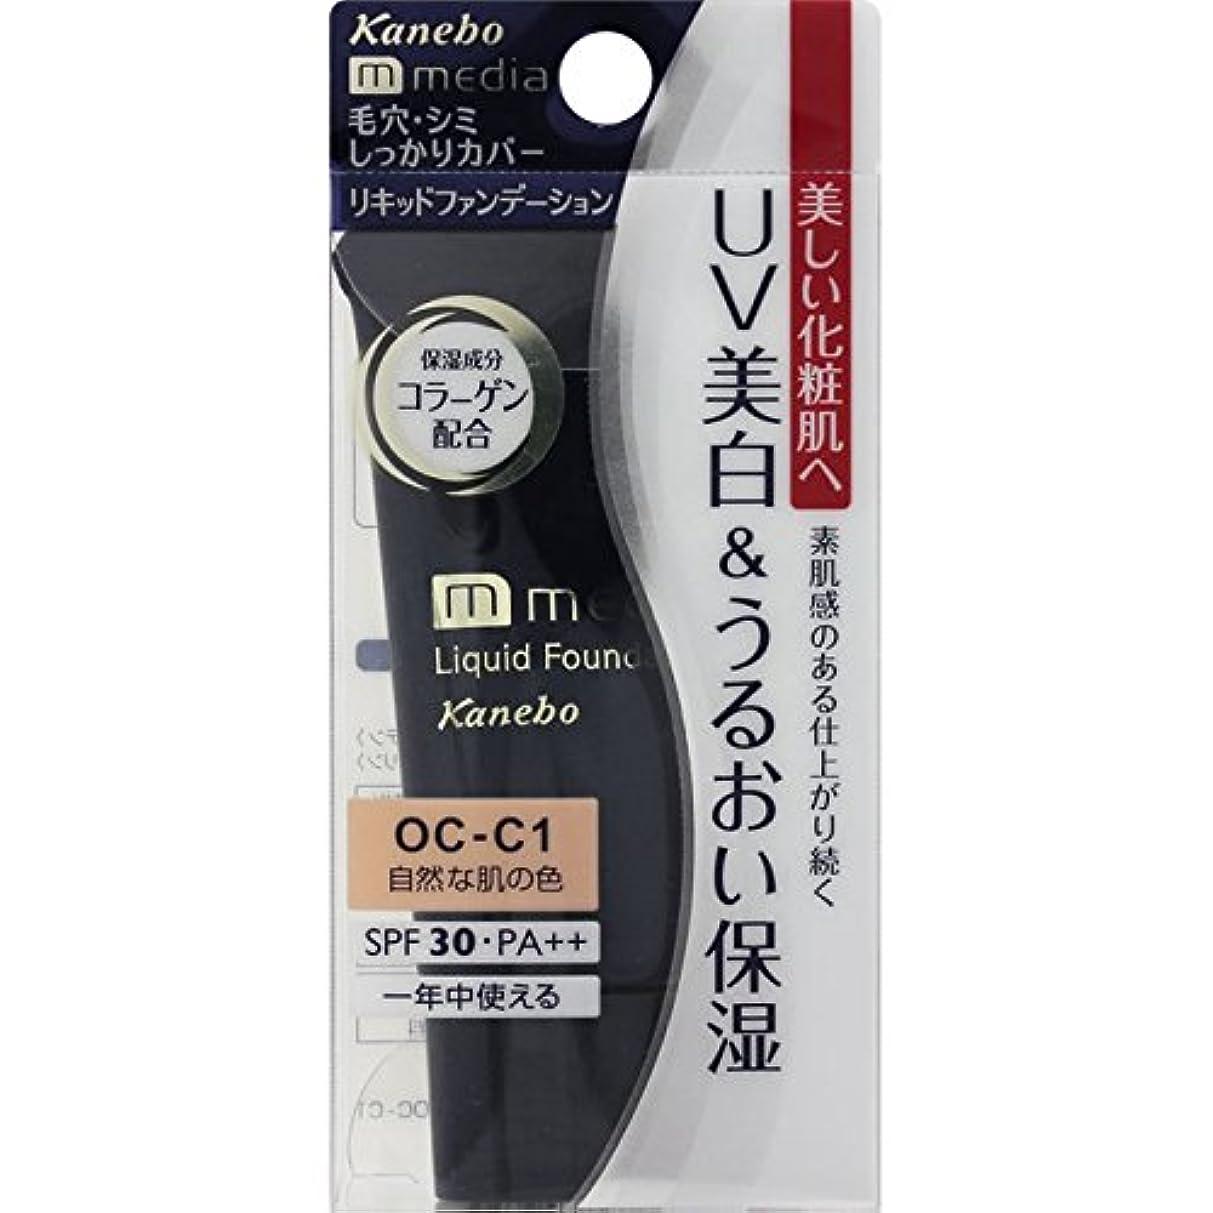 アレイ鋸歯状ポケットカネボウ メディア(media)リキッドファンデーションUV カラー:OC-C1